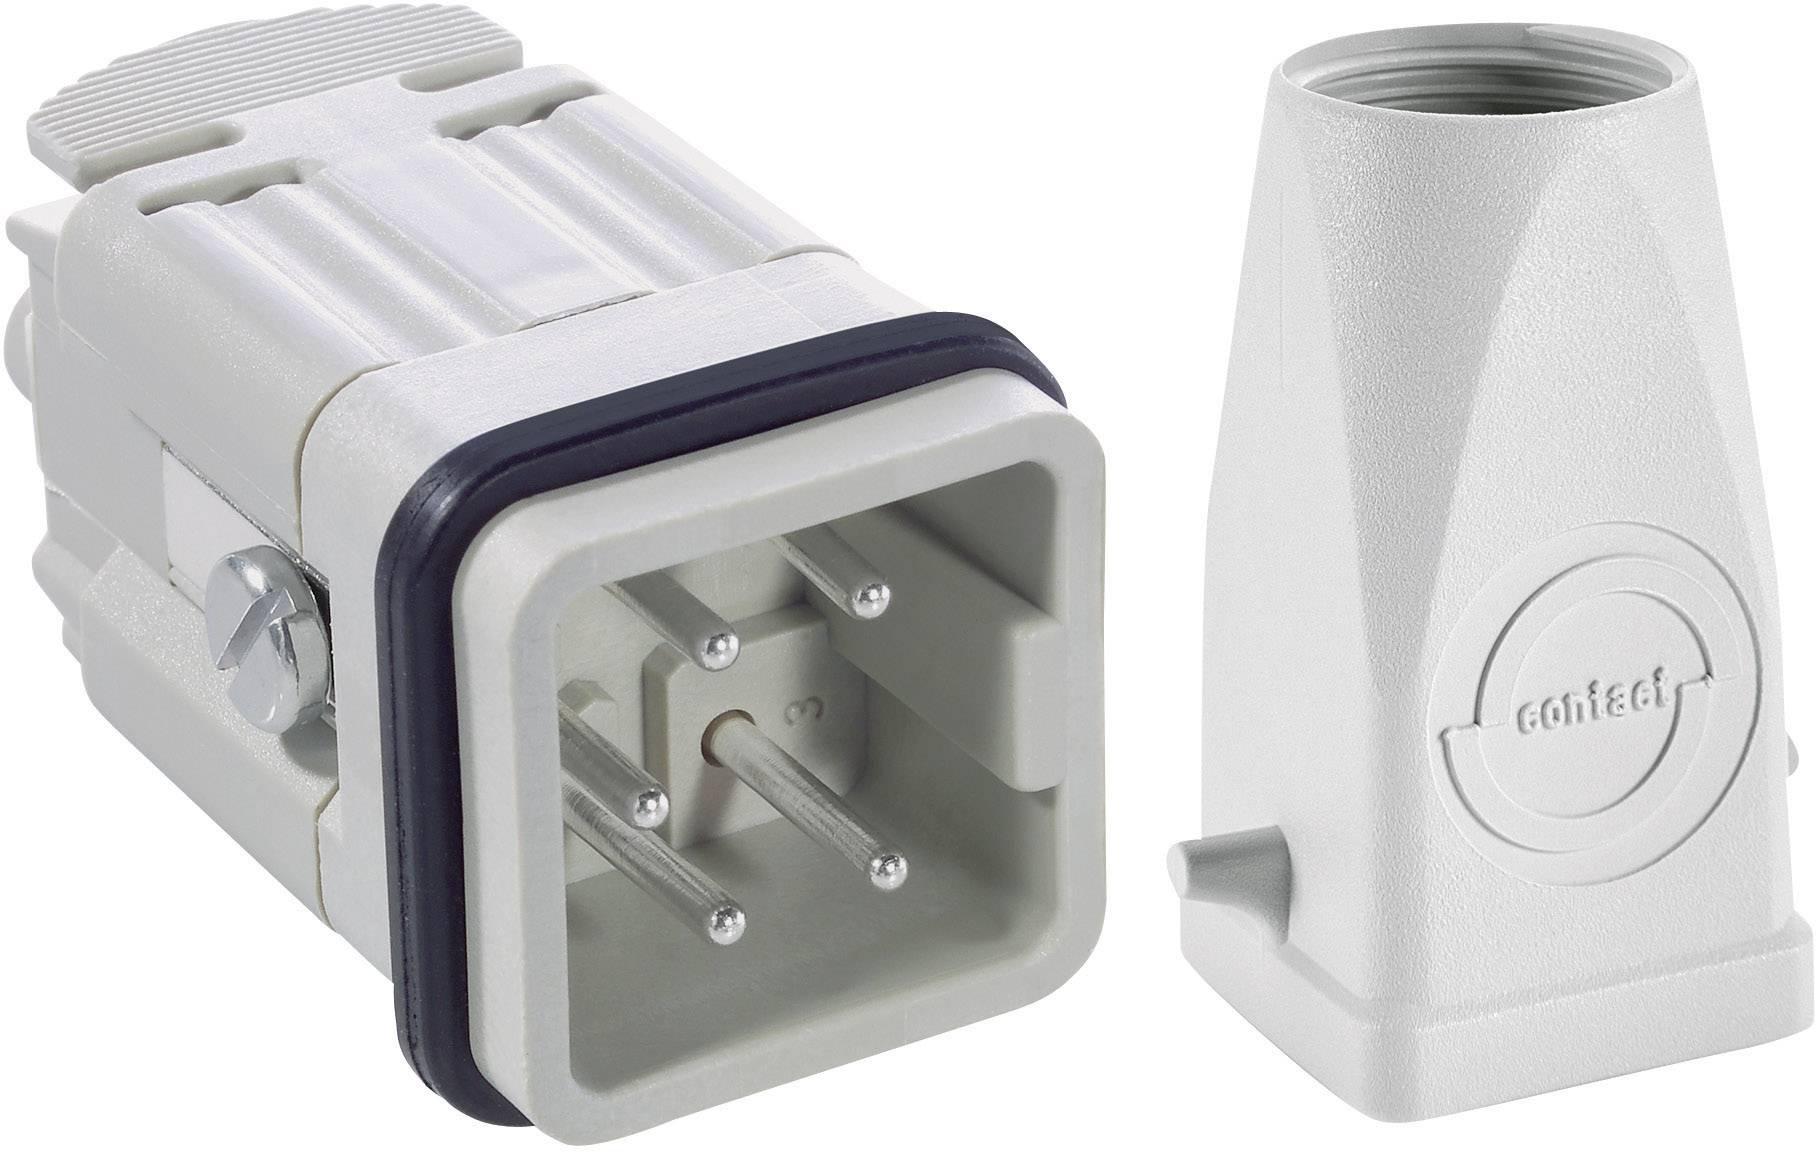 Sada konektorů EPIC®KIT H-A 4 75009613 LappKabel 4 + PE šroubovací 1 sada